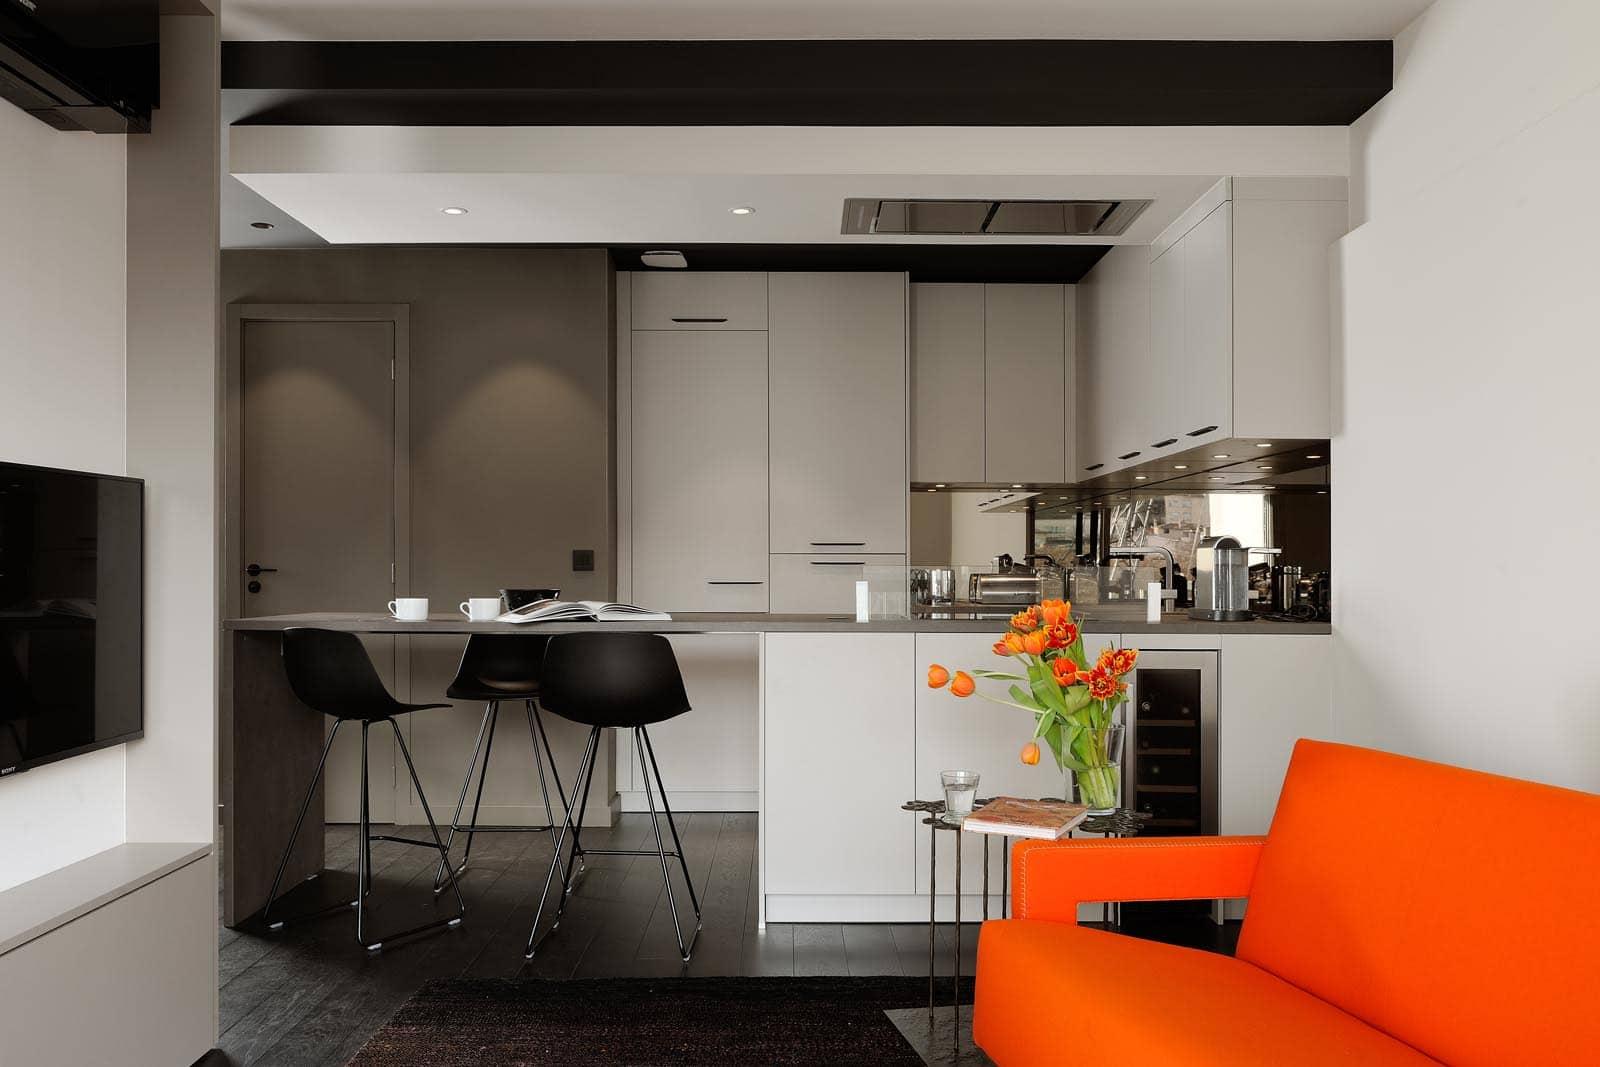 St-Antoine_Architecture-Interieur_VADOT_05